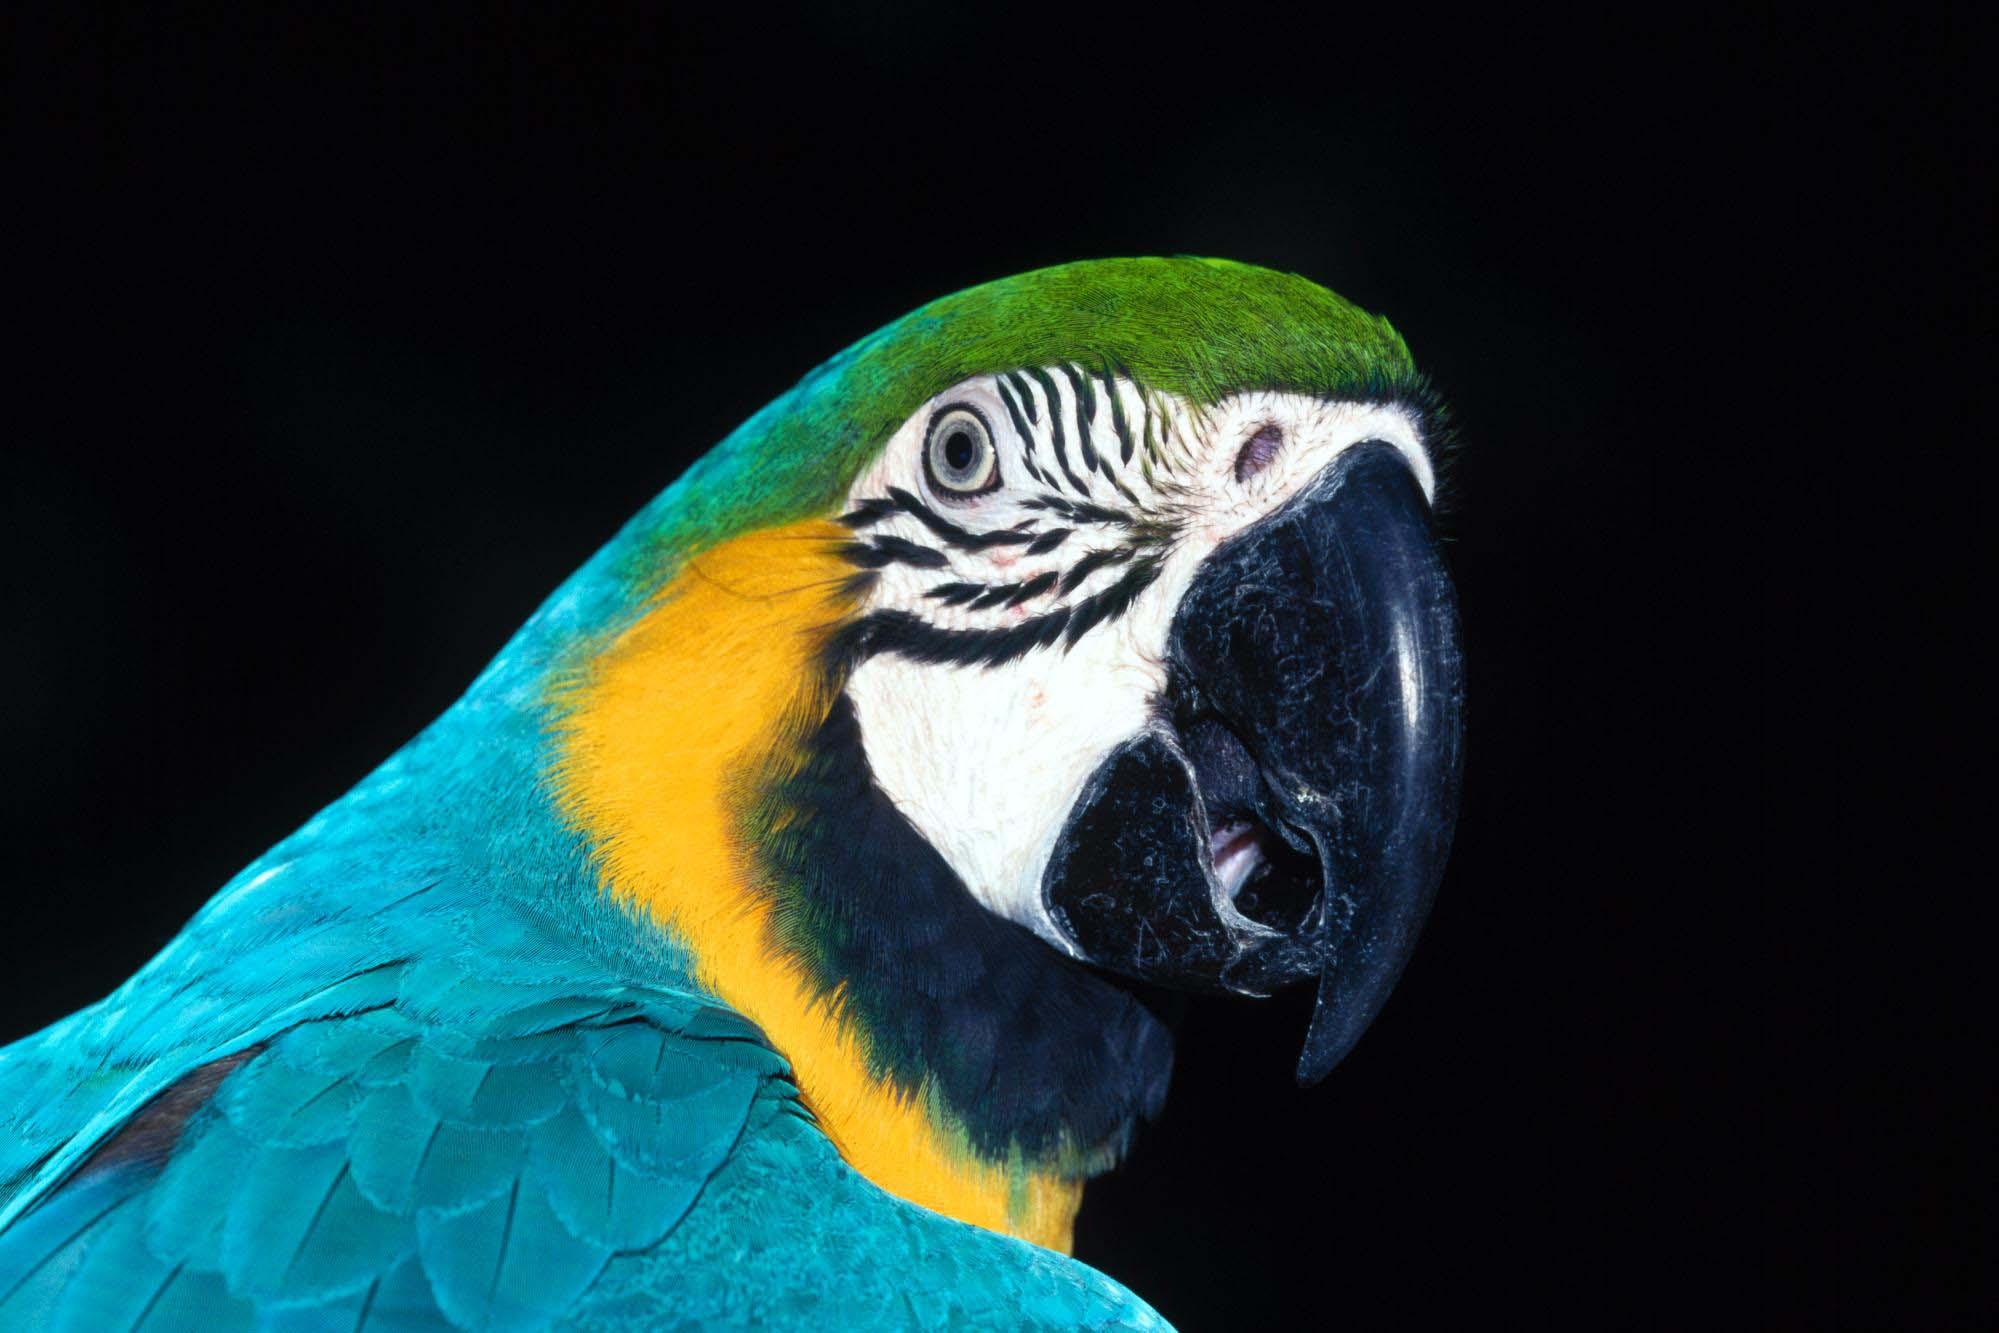 красивый, сине-зеленый попугай, скачать фото, обои для рабочего стола